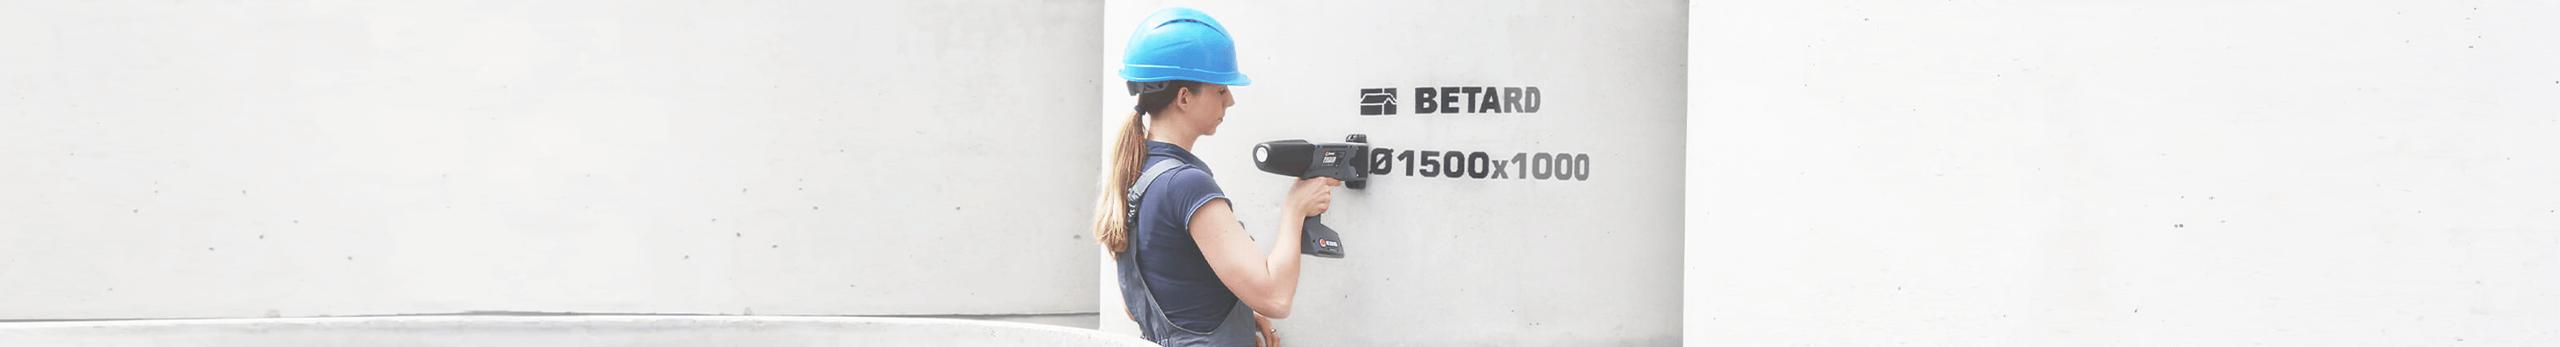 2-rolkowy stabilizator nożycowy EBS-250 - P511313 - probn stabilizator nożycowy